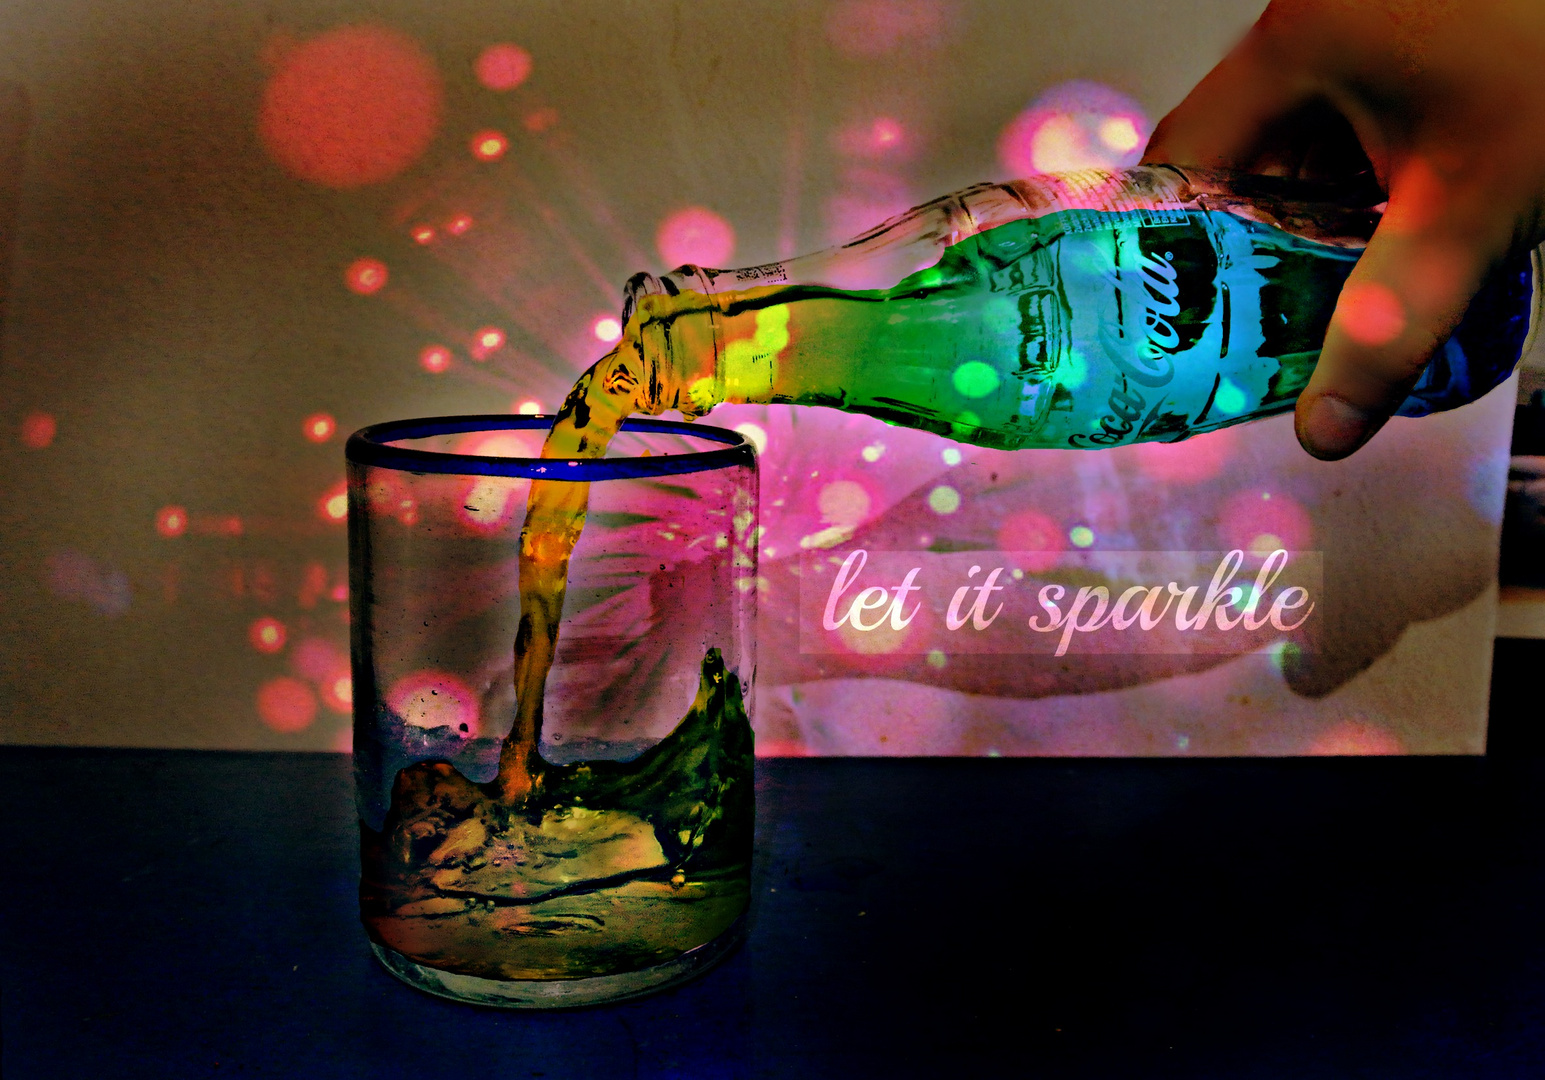 Let it sparkle